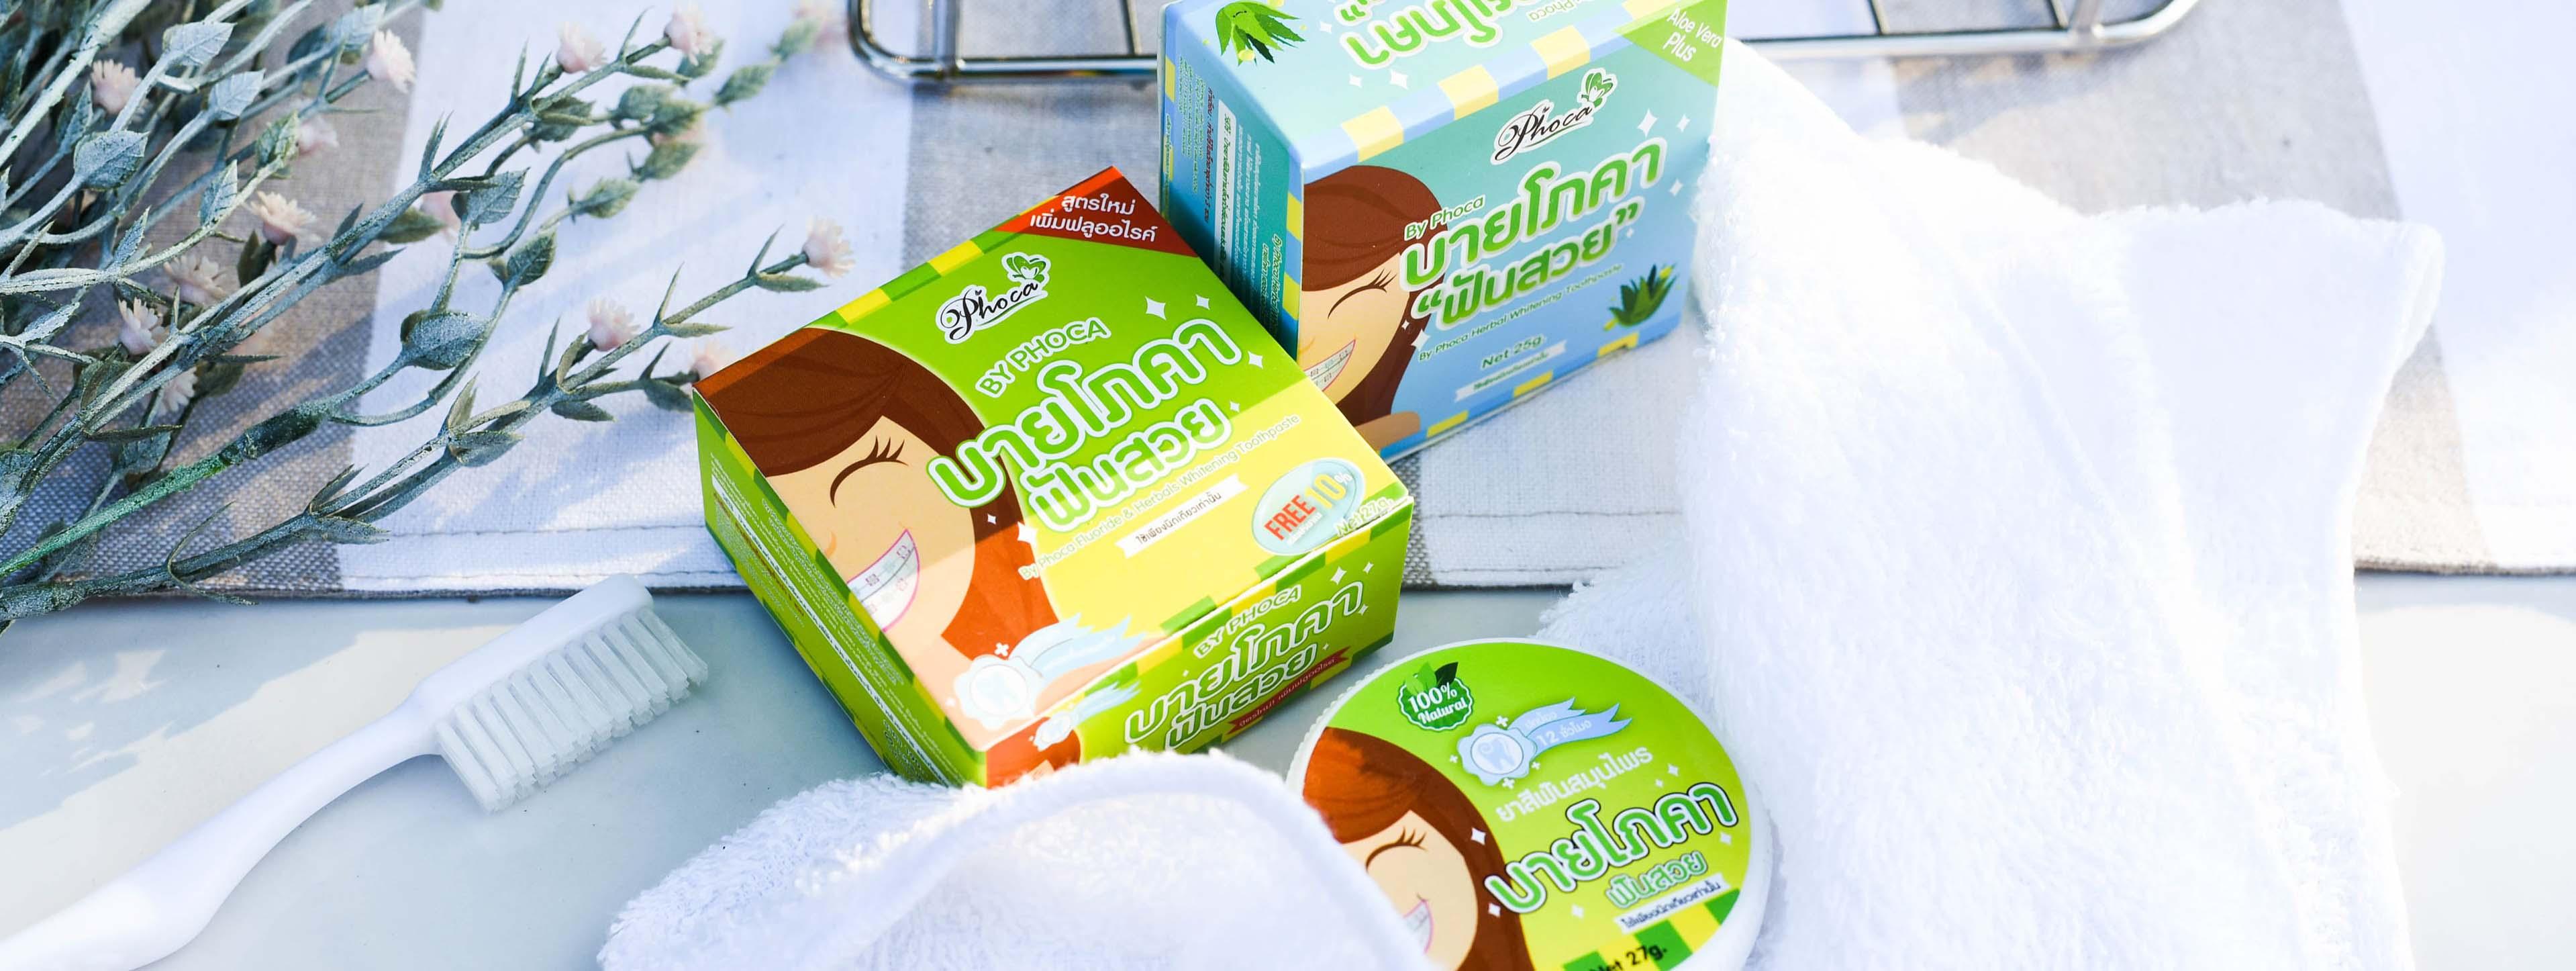 kem đánh răng phoca thái lan